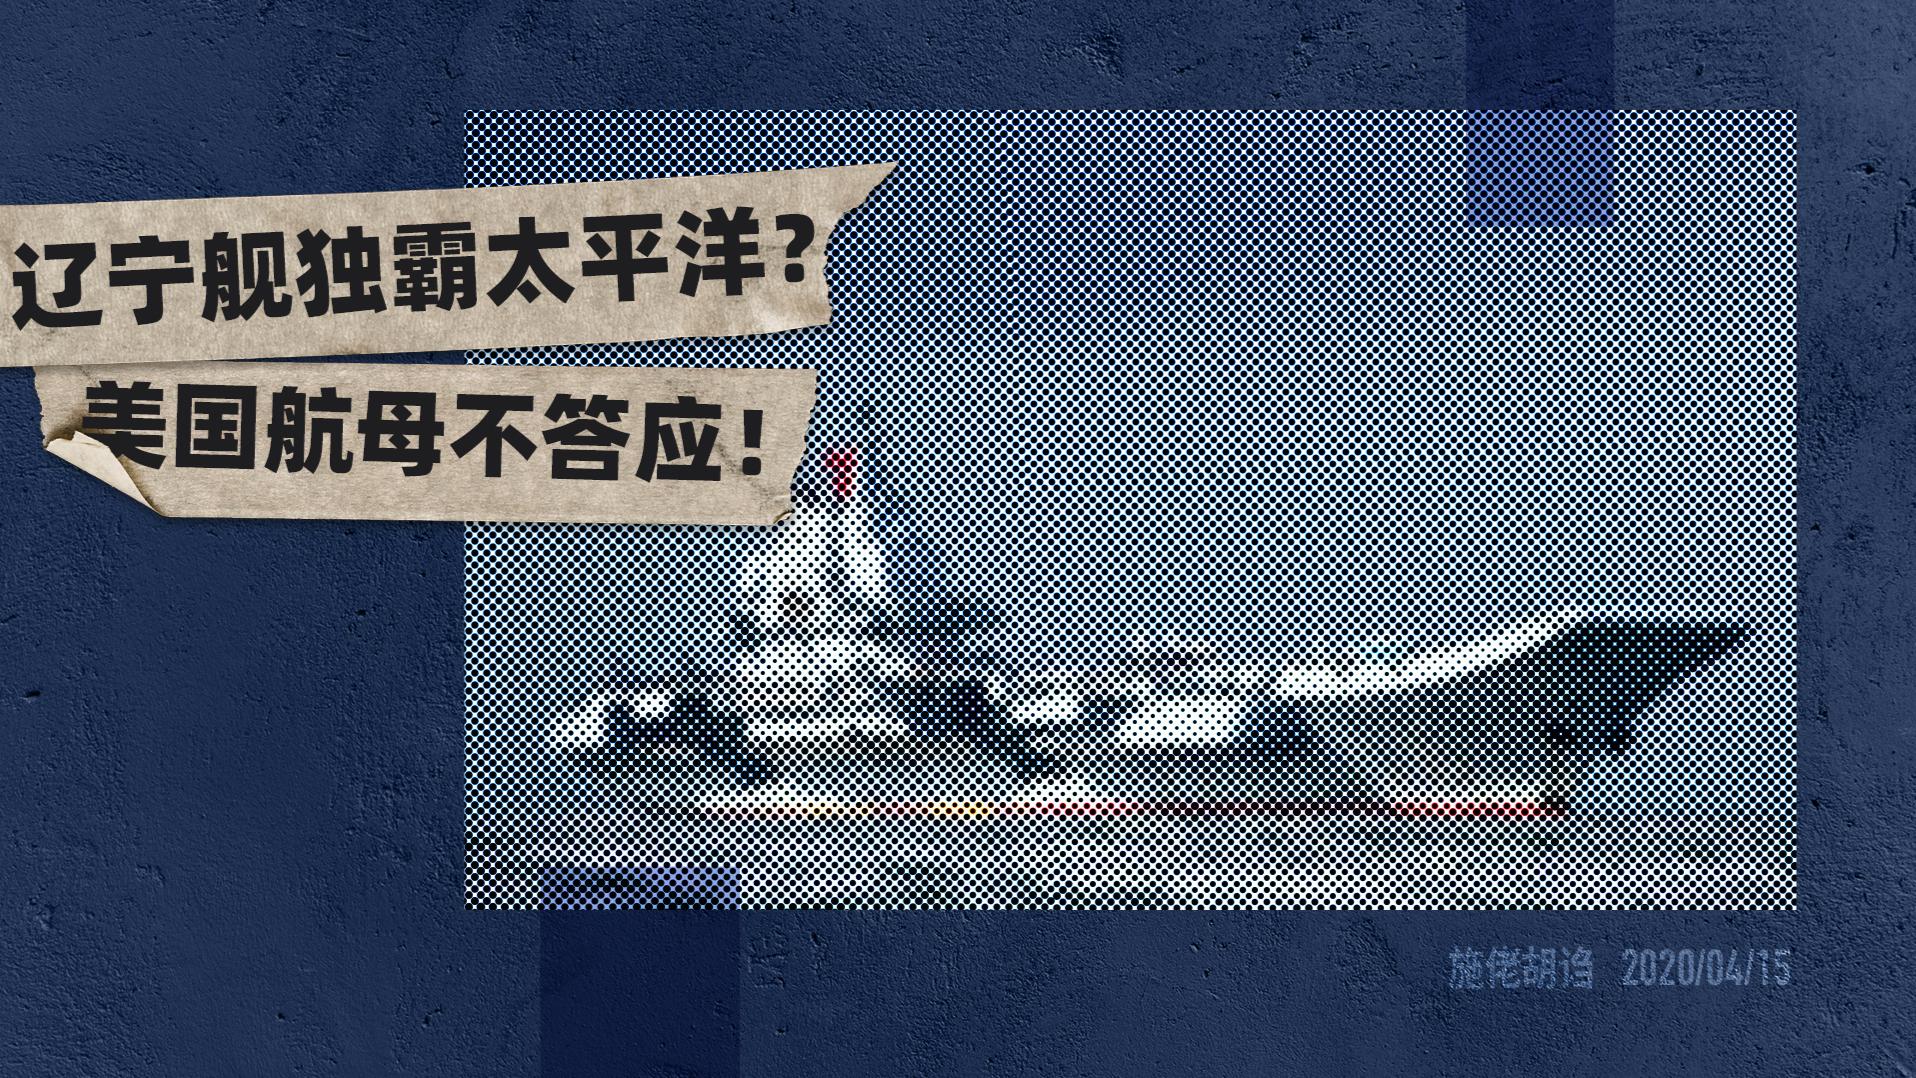 施佬胡诌:辽宁舰独霸太平洋?美国航母不答应!